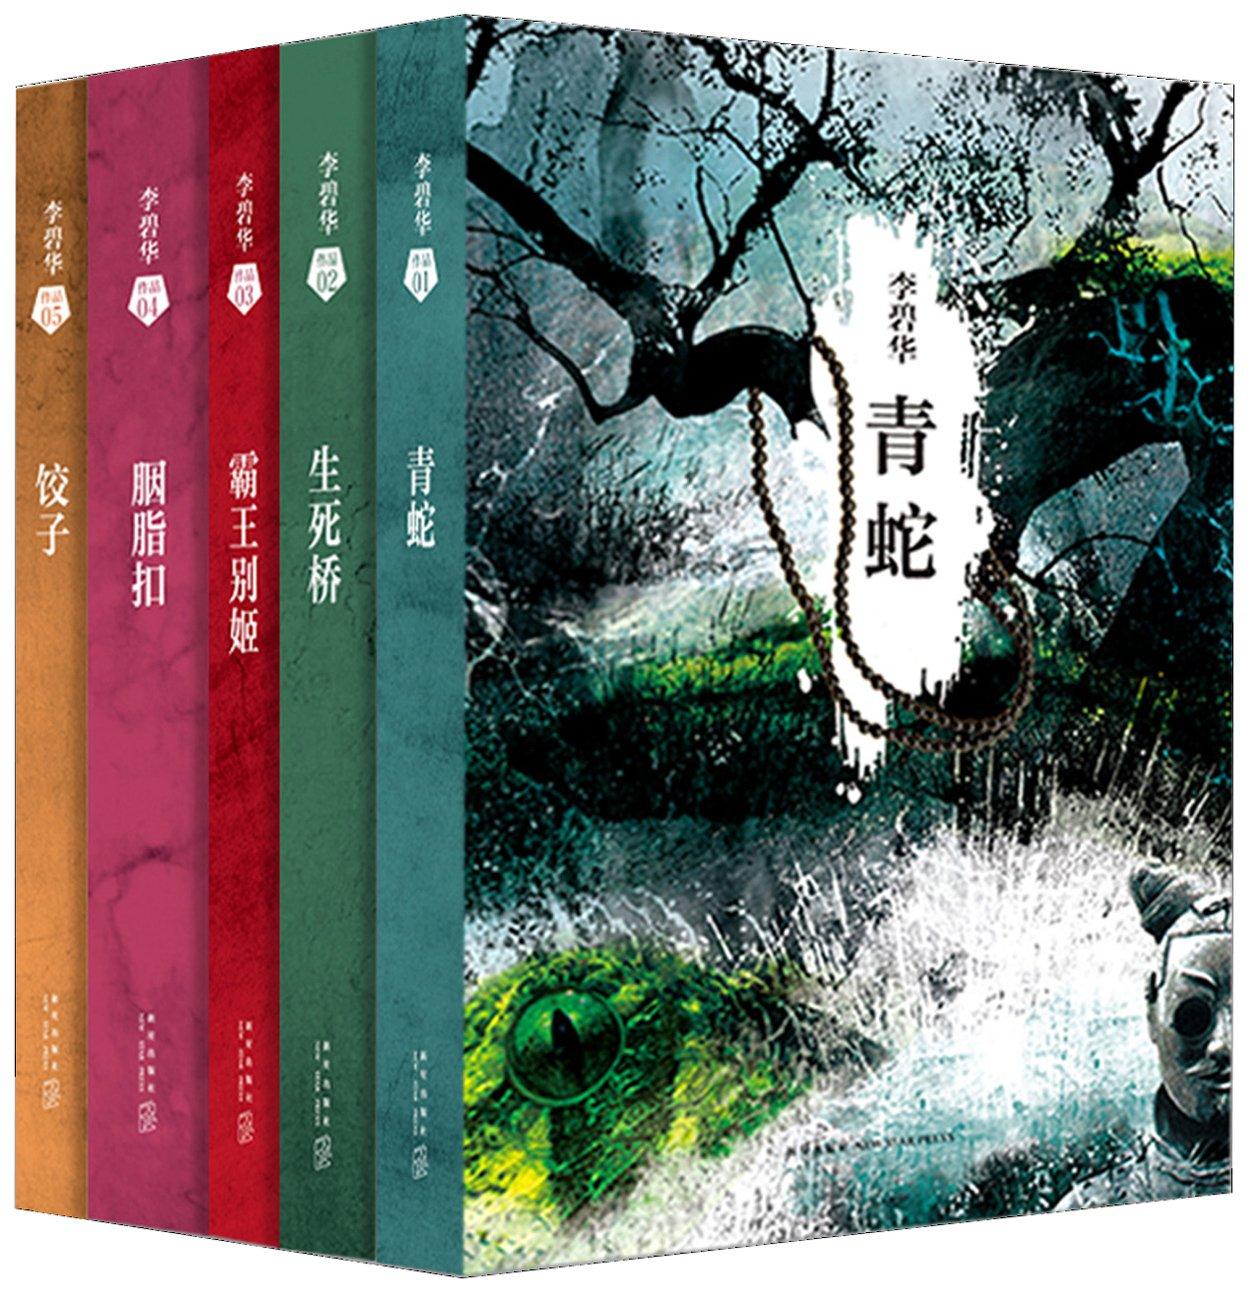 李碧华经典小说集-李碧华-EPUB/MOBI/AZW3